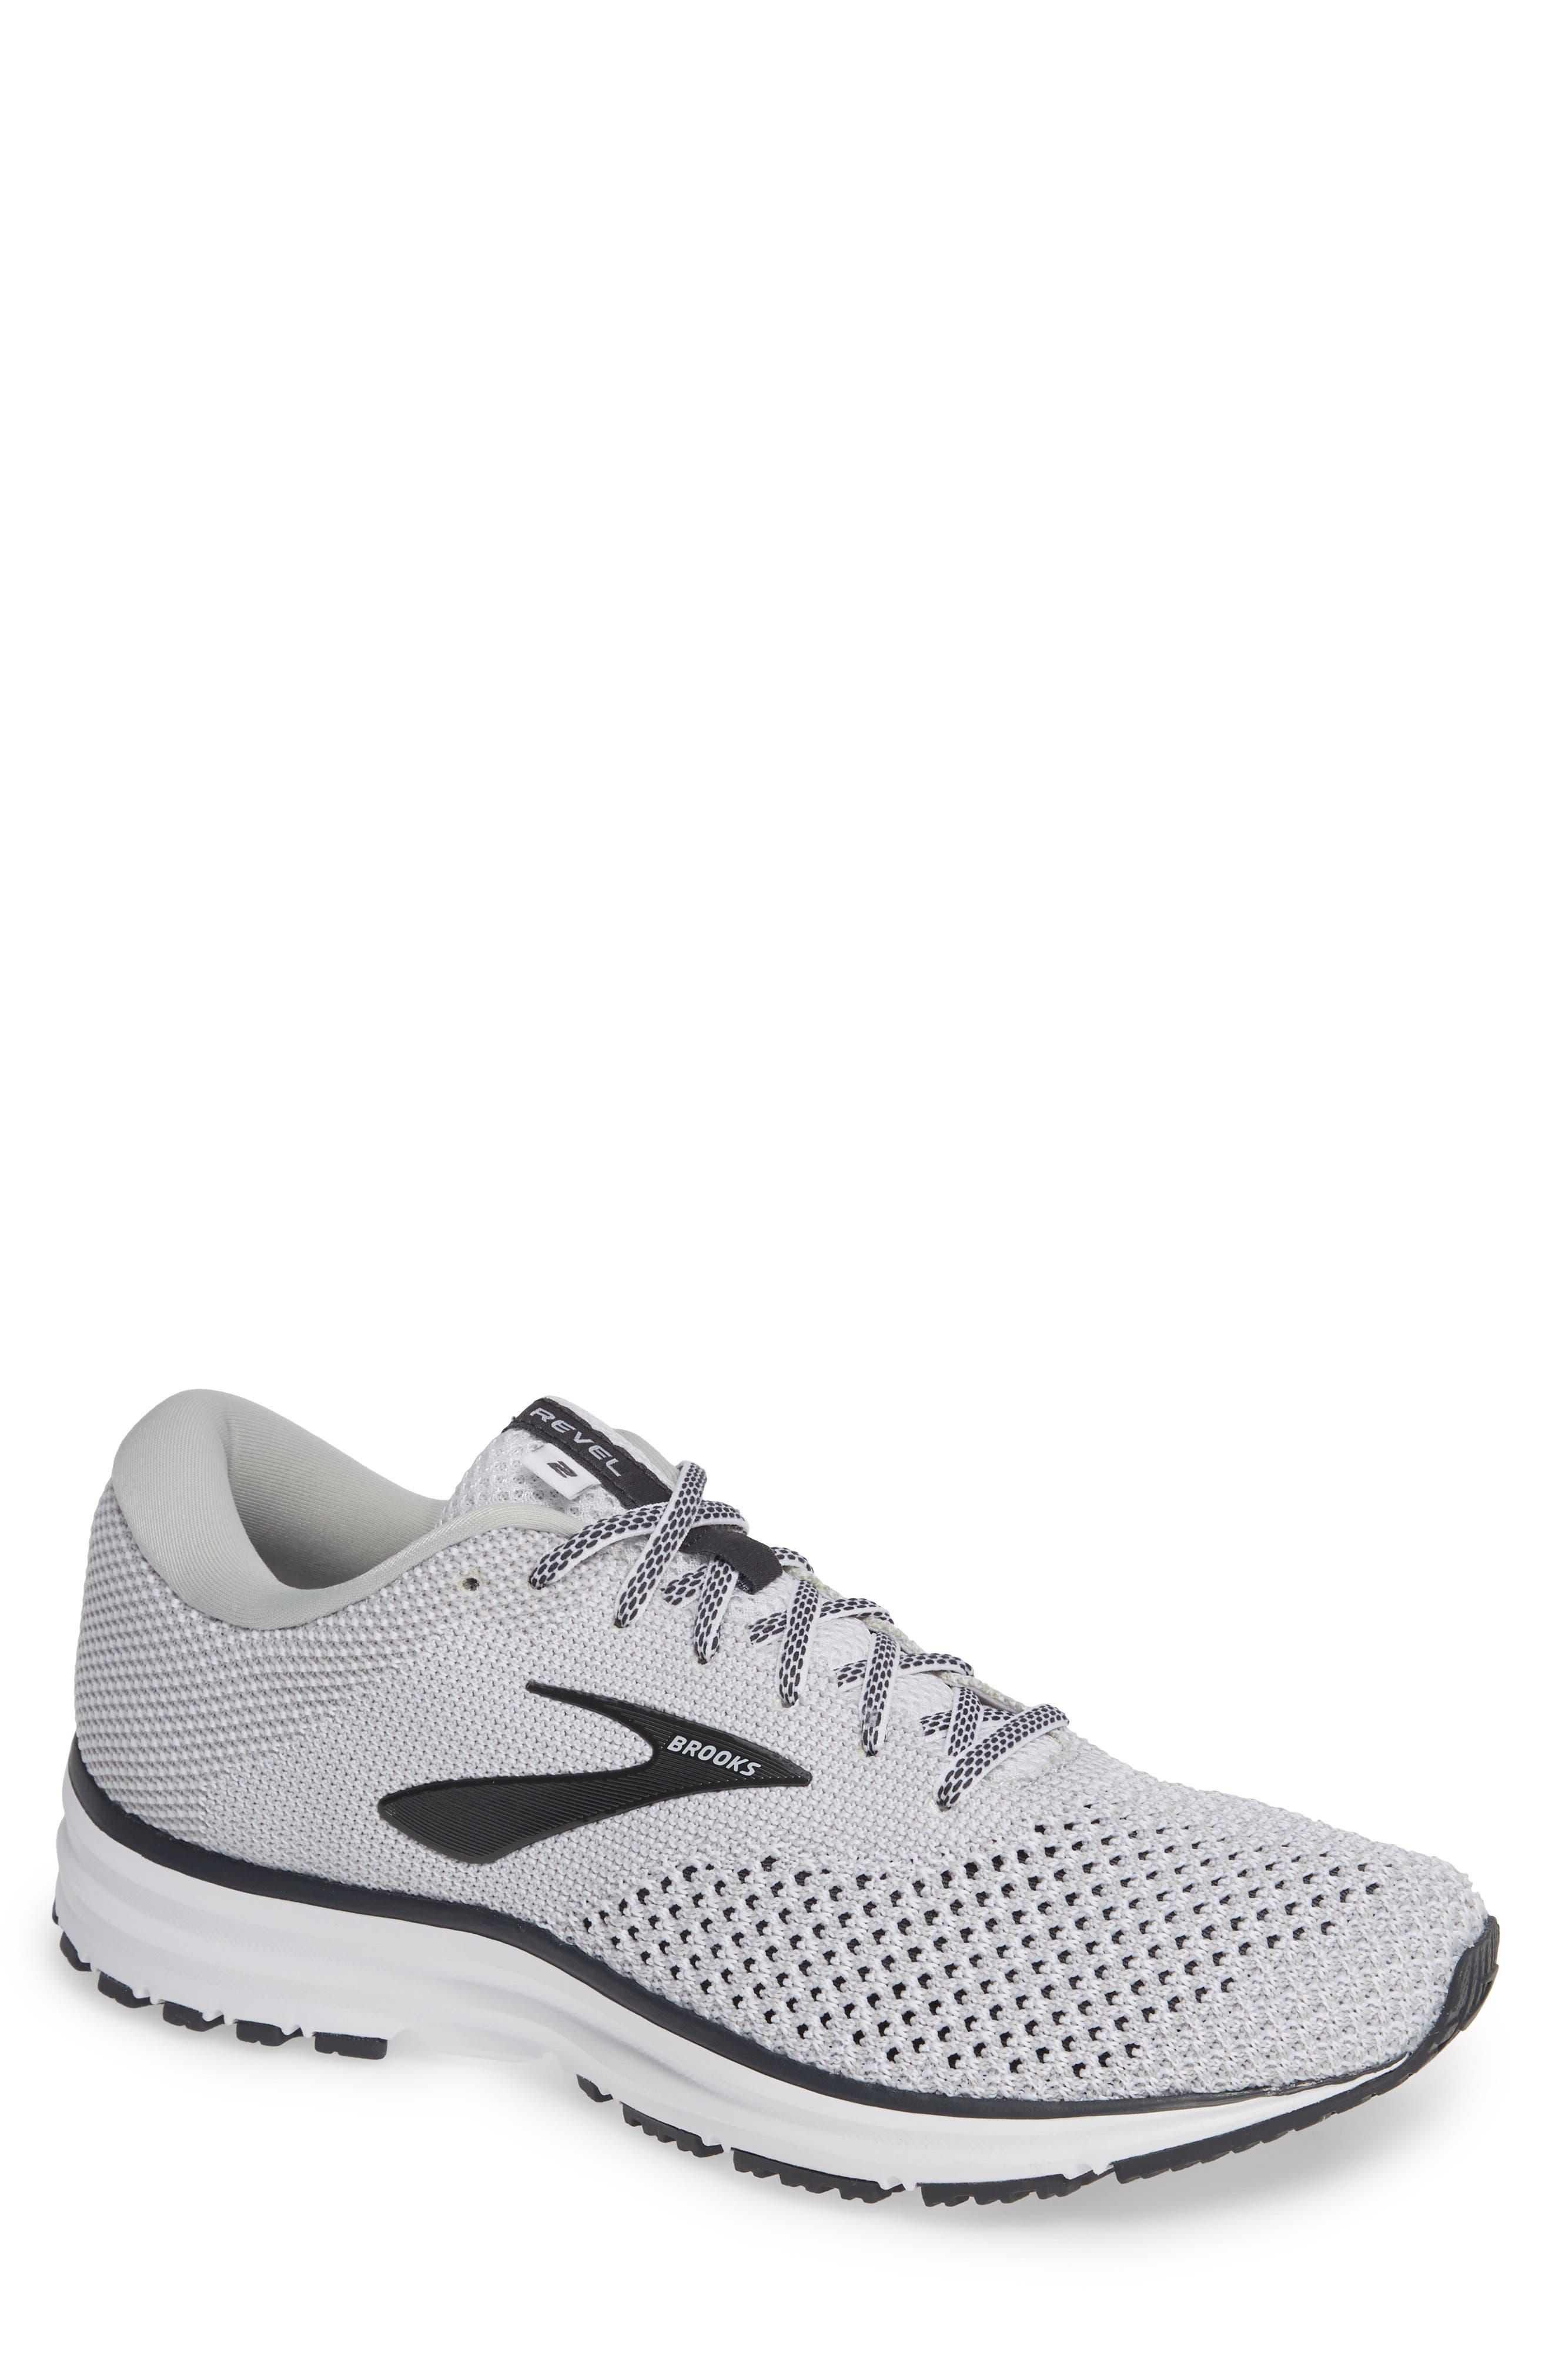 Brooks Revel 2 Running Shoe - White